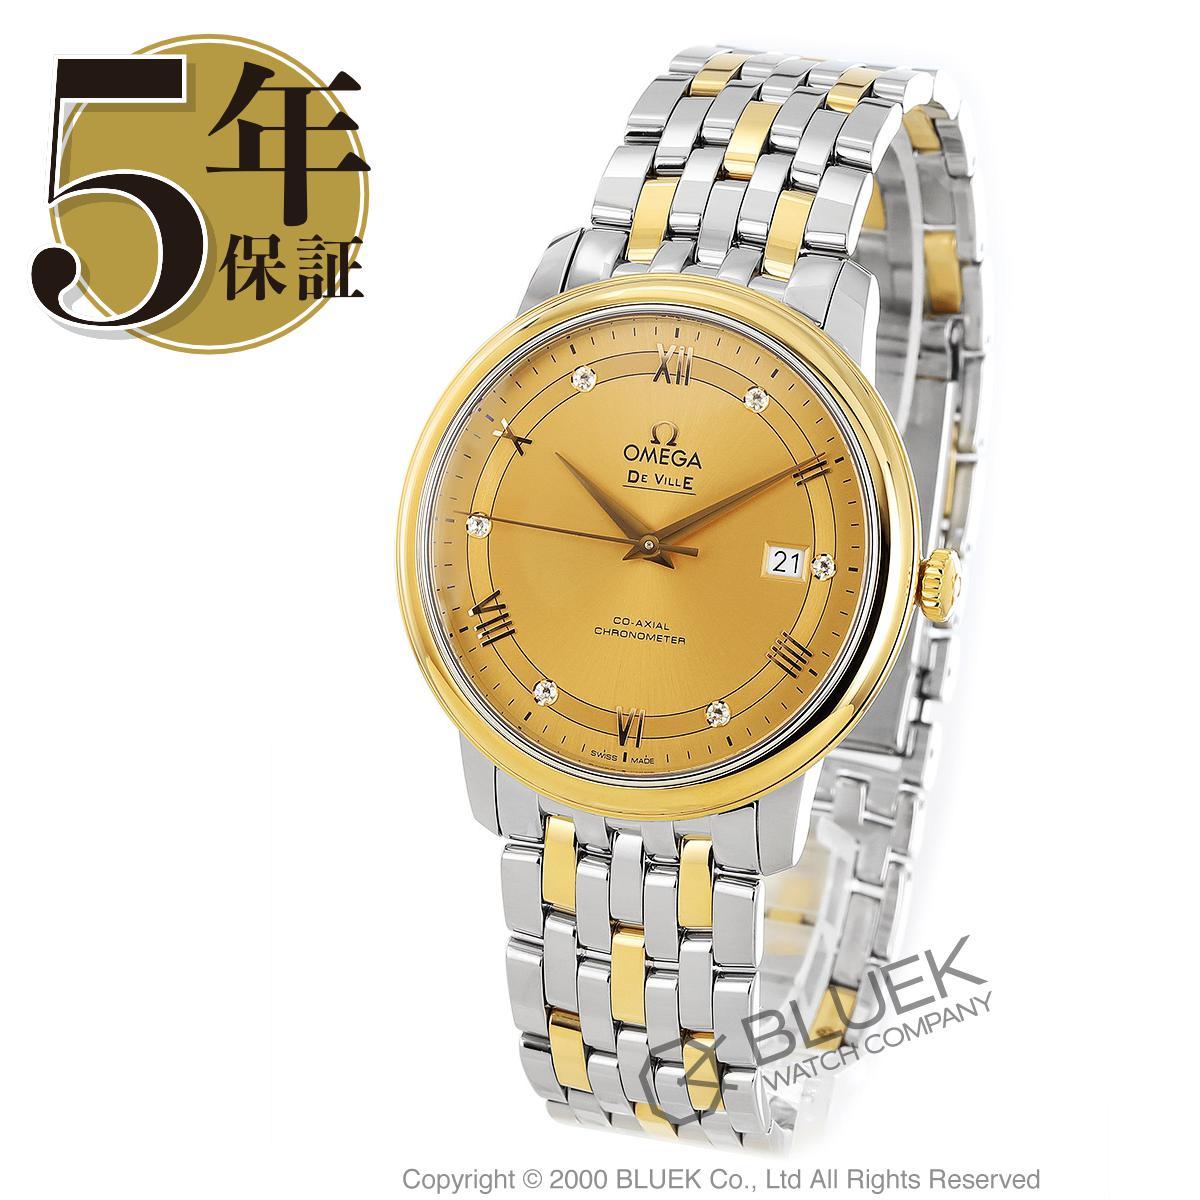 オメガ デビル プレステージ ダイヤ 腕時計 メンズ OMEGA 424.20.40.20.58.001_5